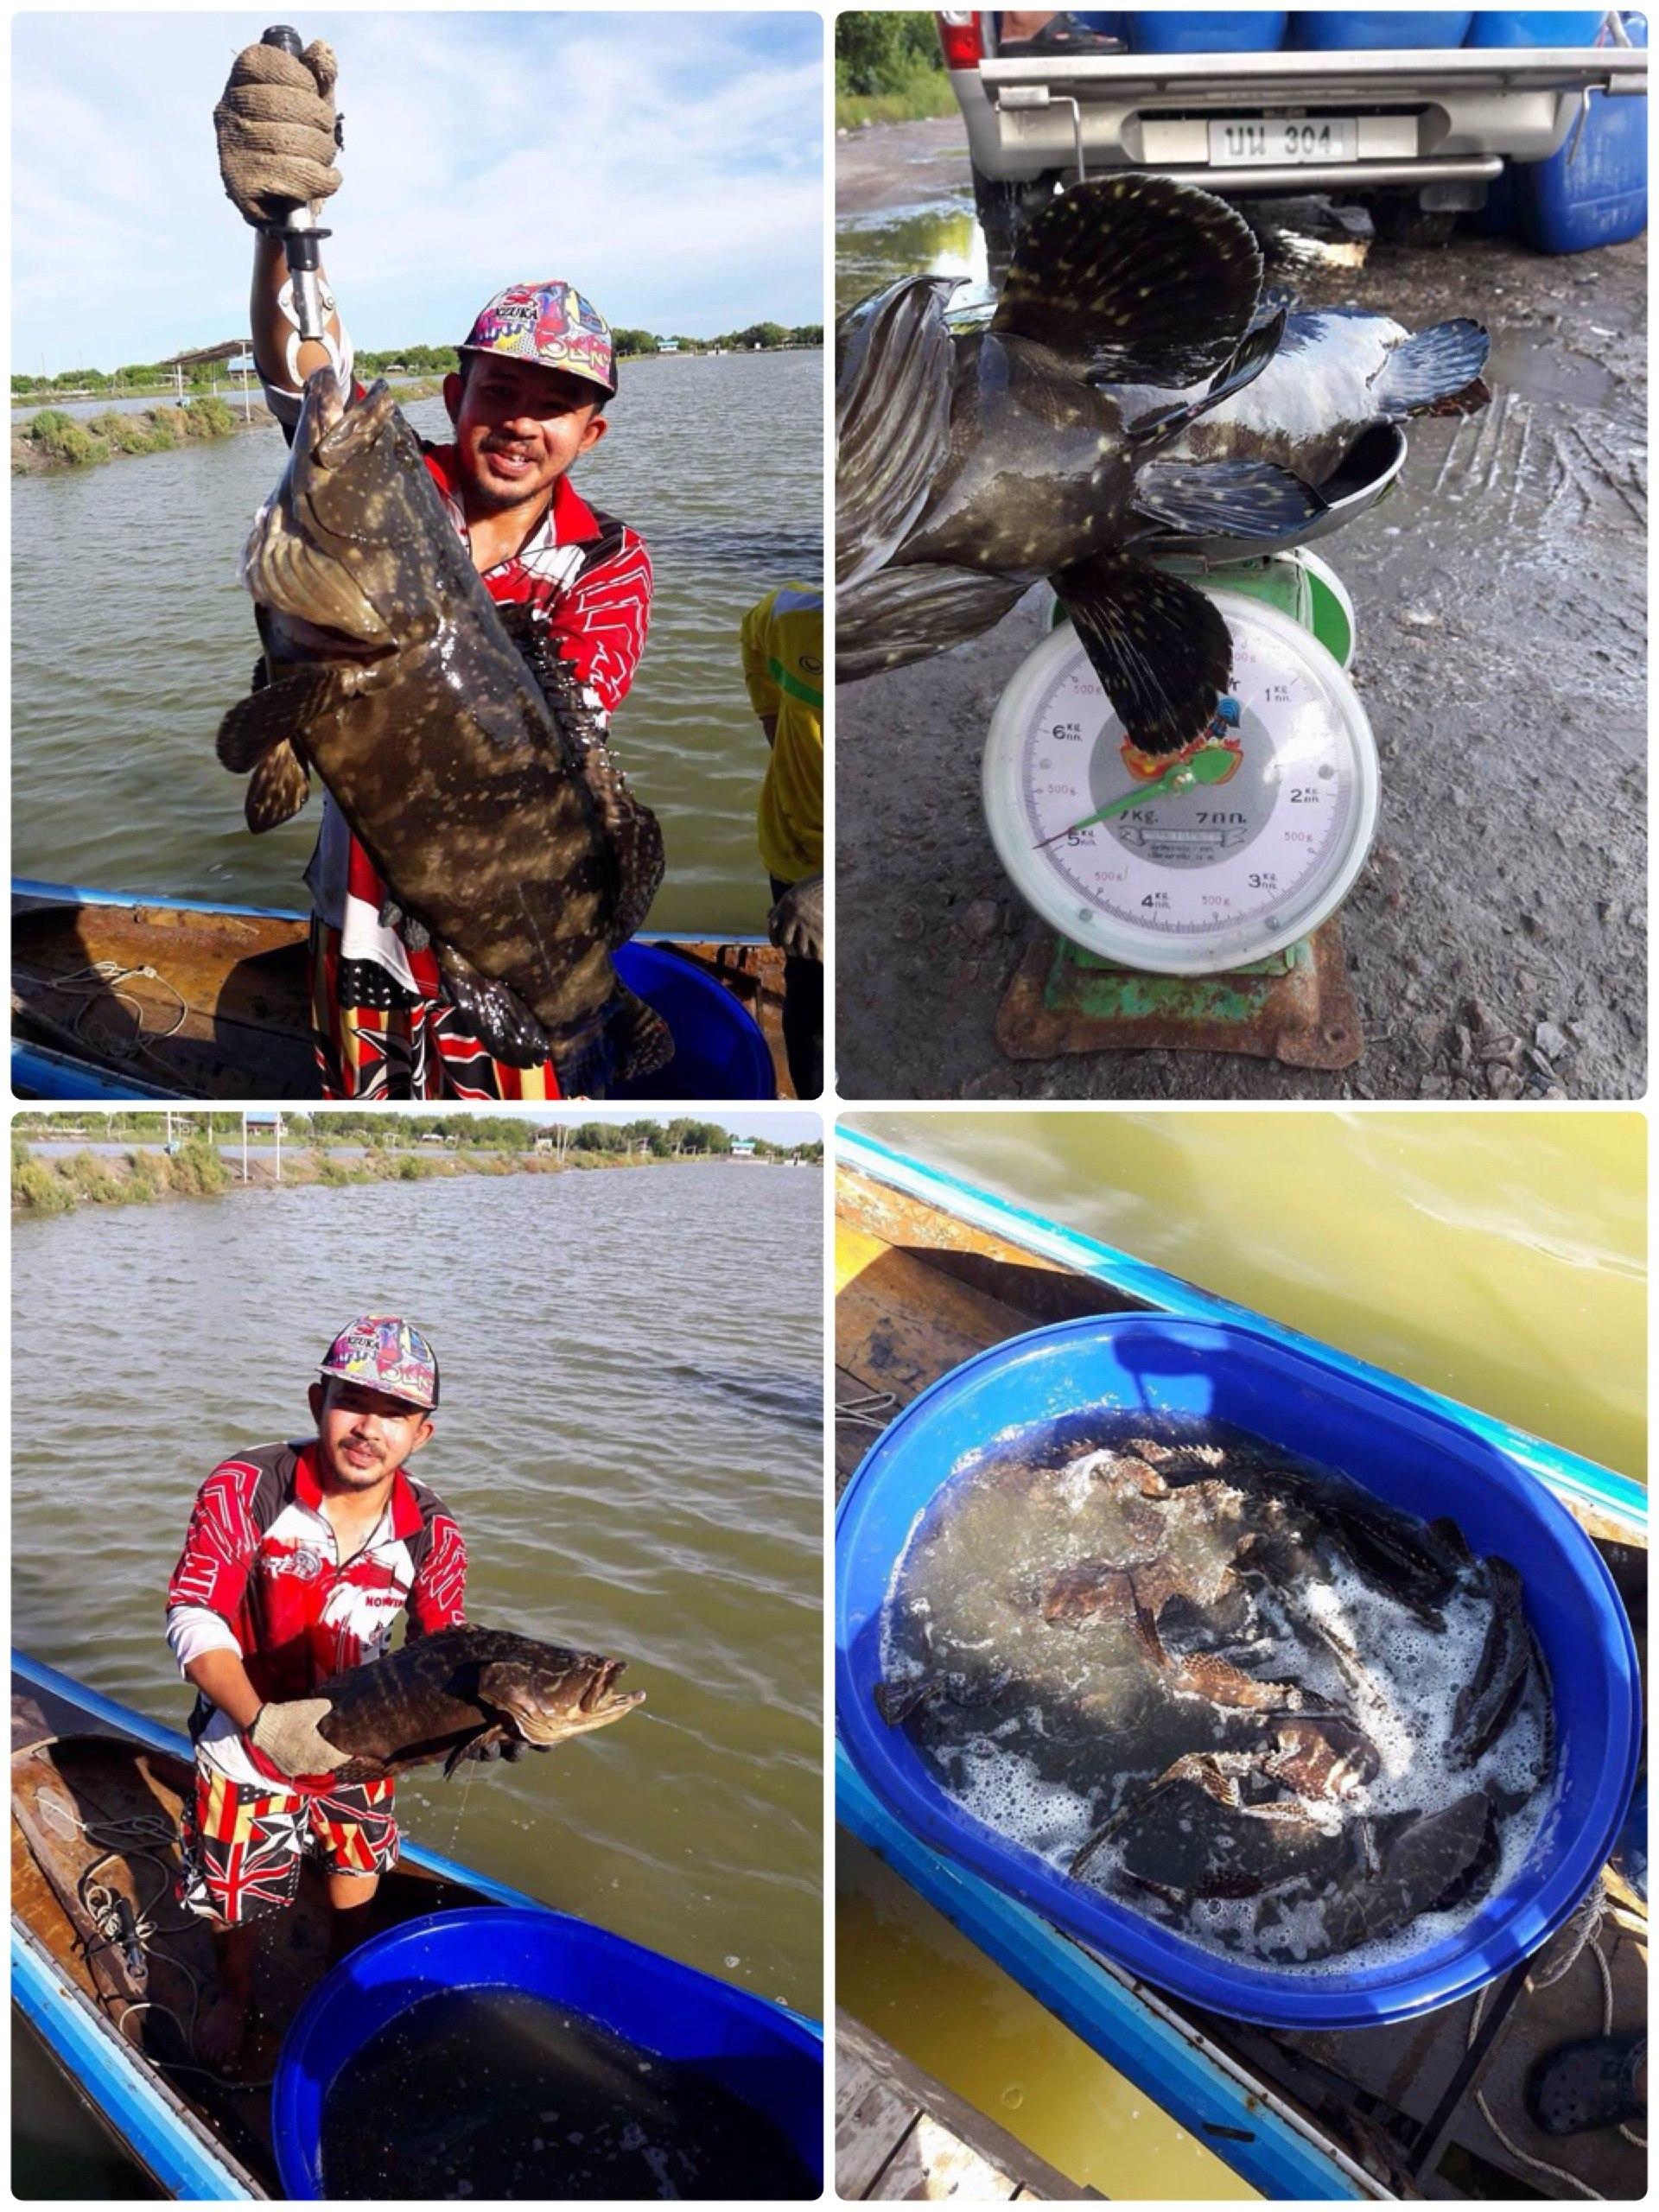 แล่ว แล่ว แล่ว ลงปลาใหม่ทุกอาทิตย์    บุฟเฟ่ บ่อน้องวิน